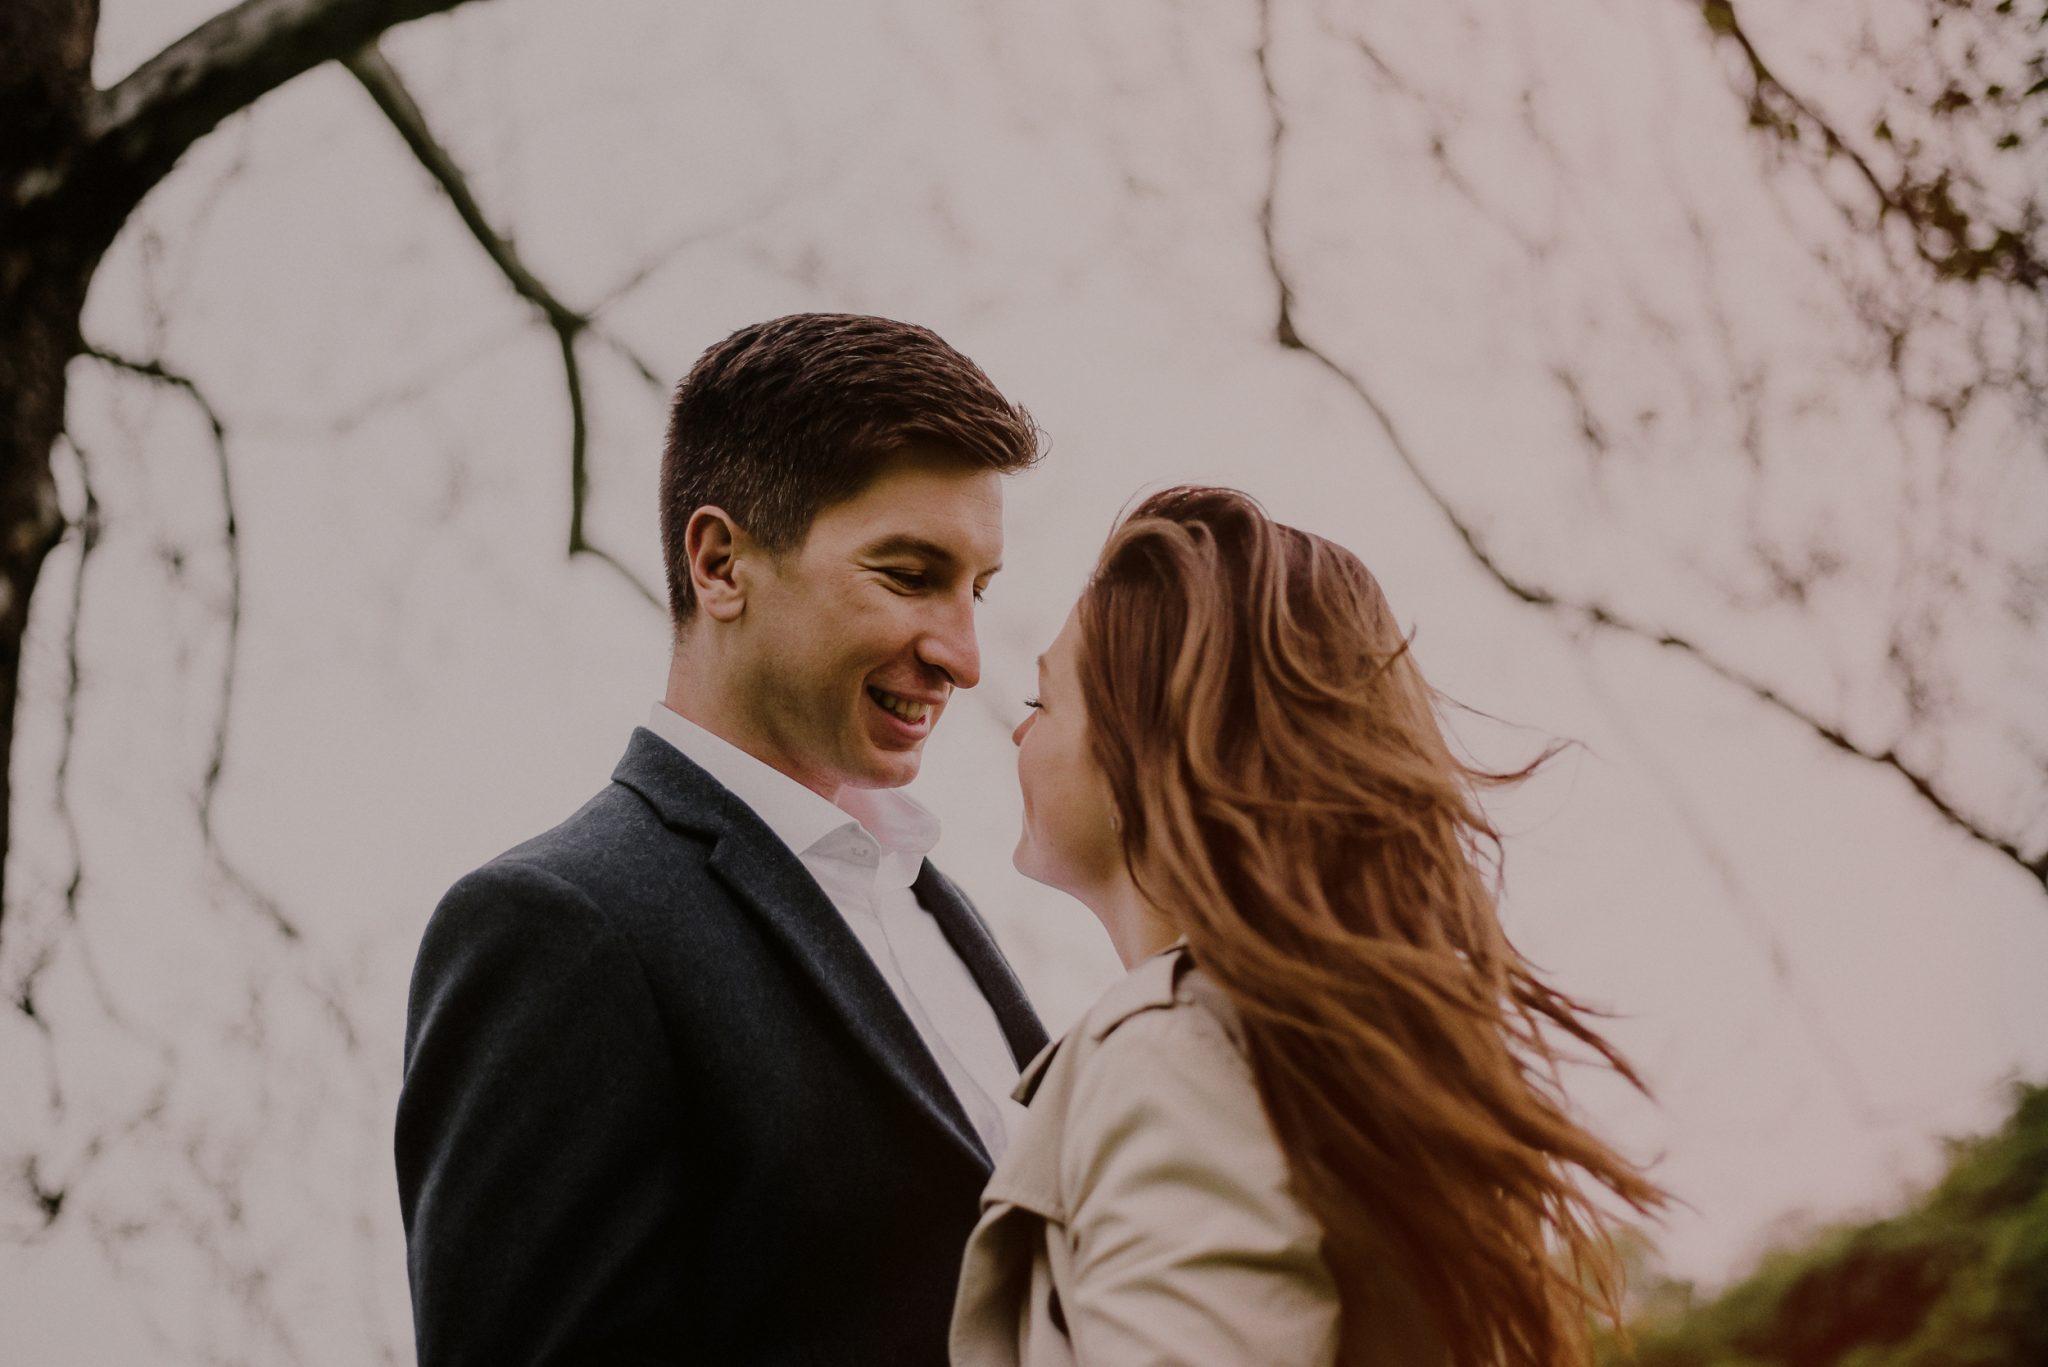 surprise proposal photo nj